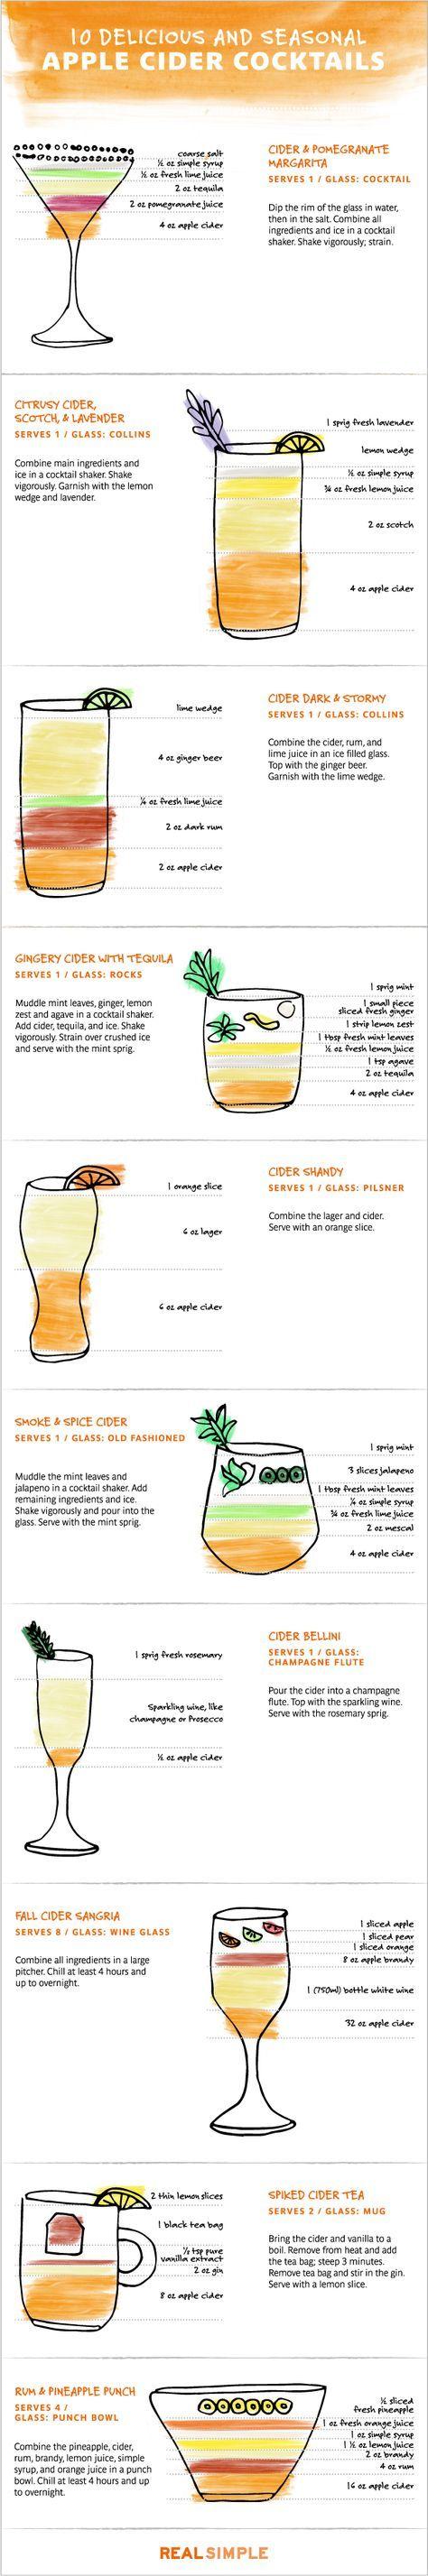 Apple Cider Cocktails by realsimple #Infographic #Cocktails #Apple_Cider